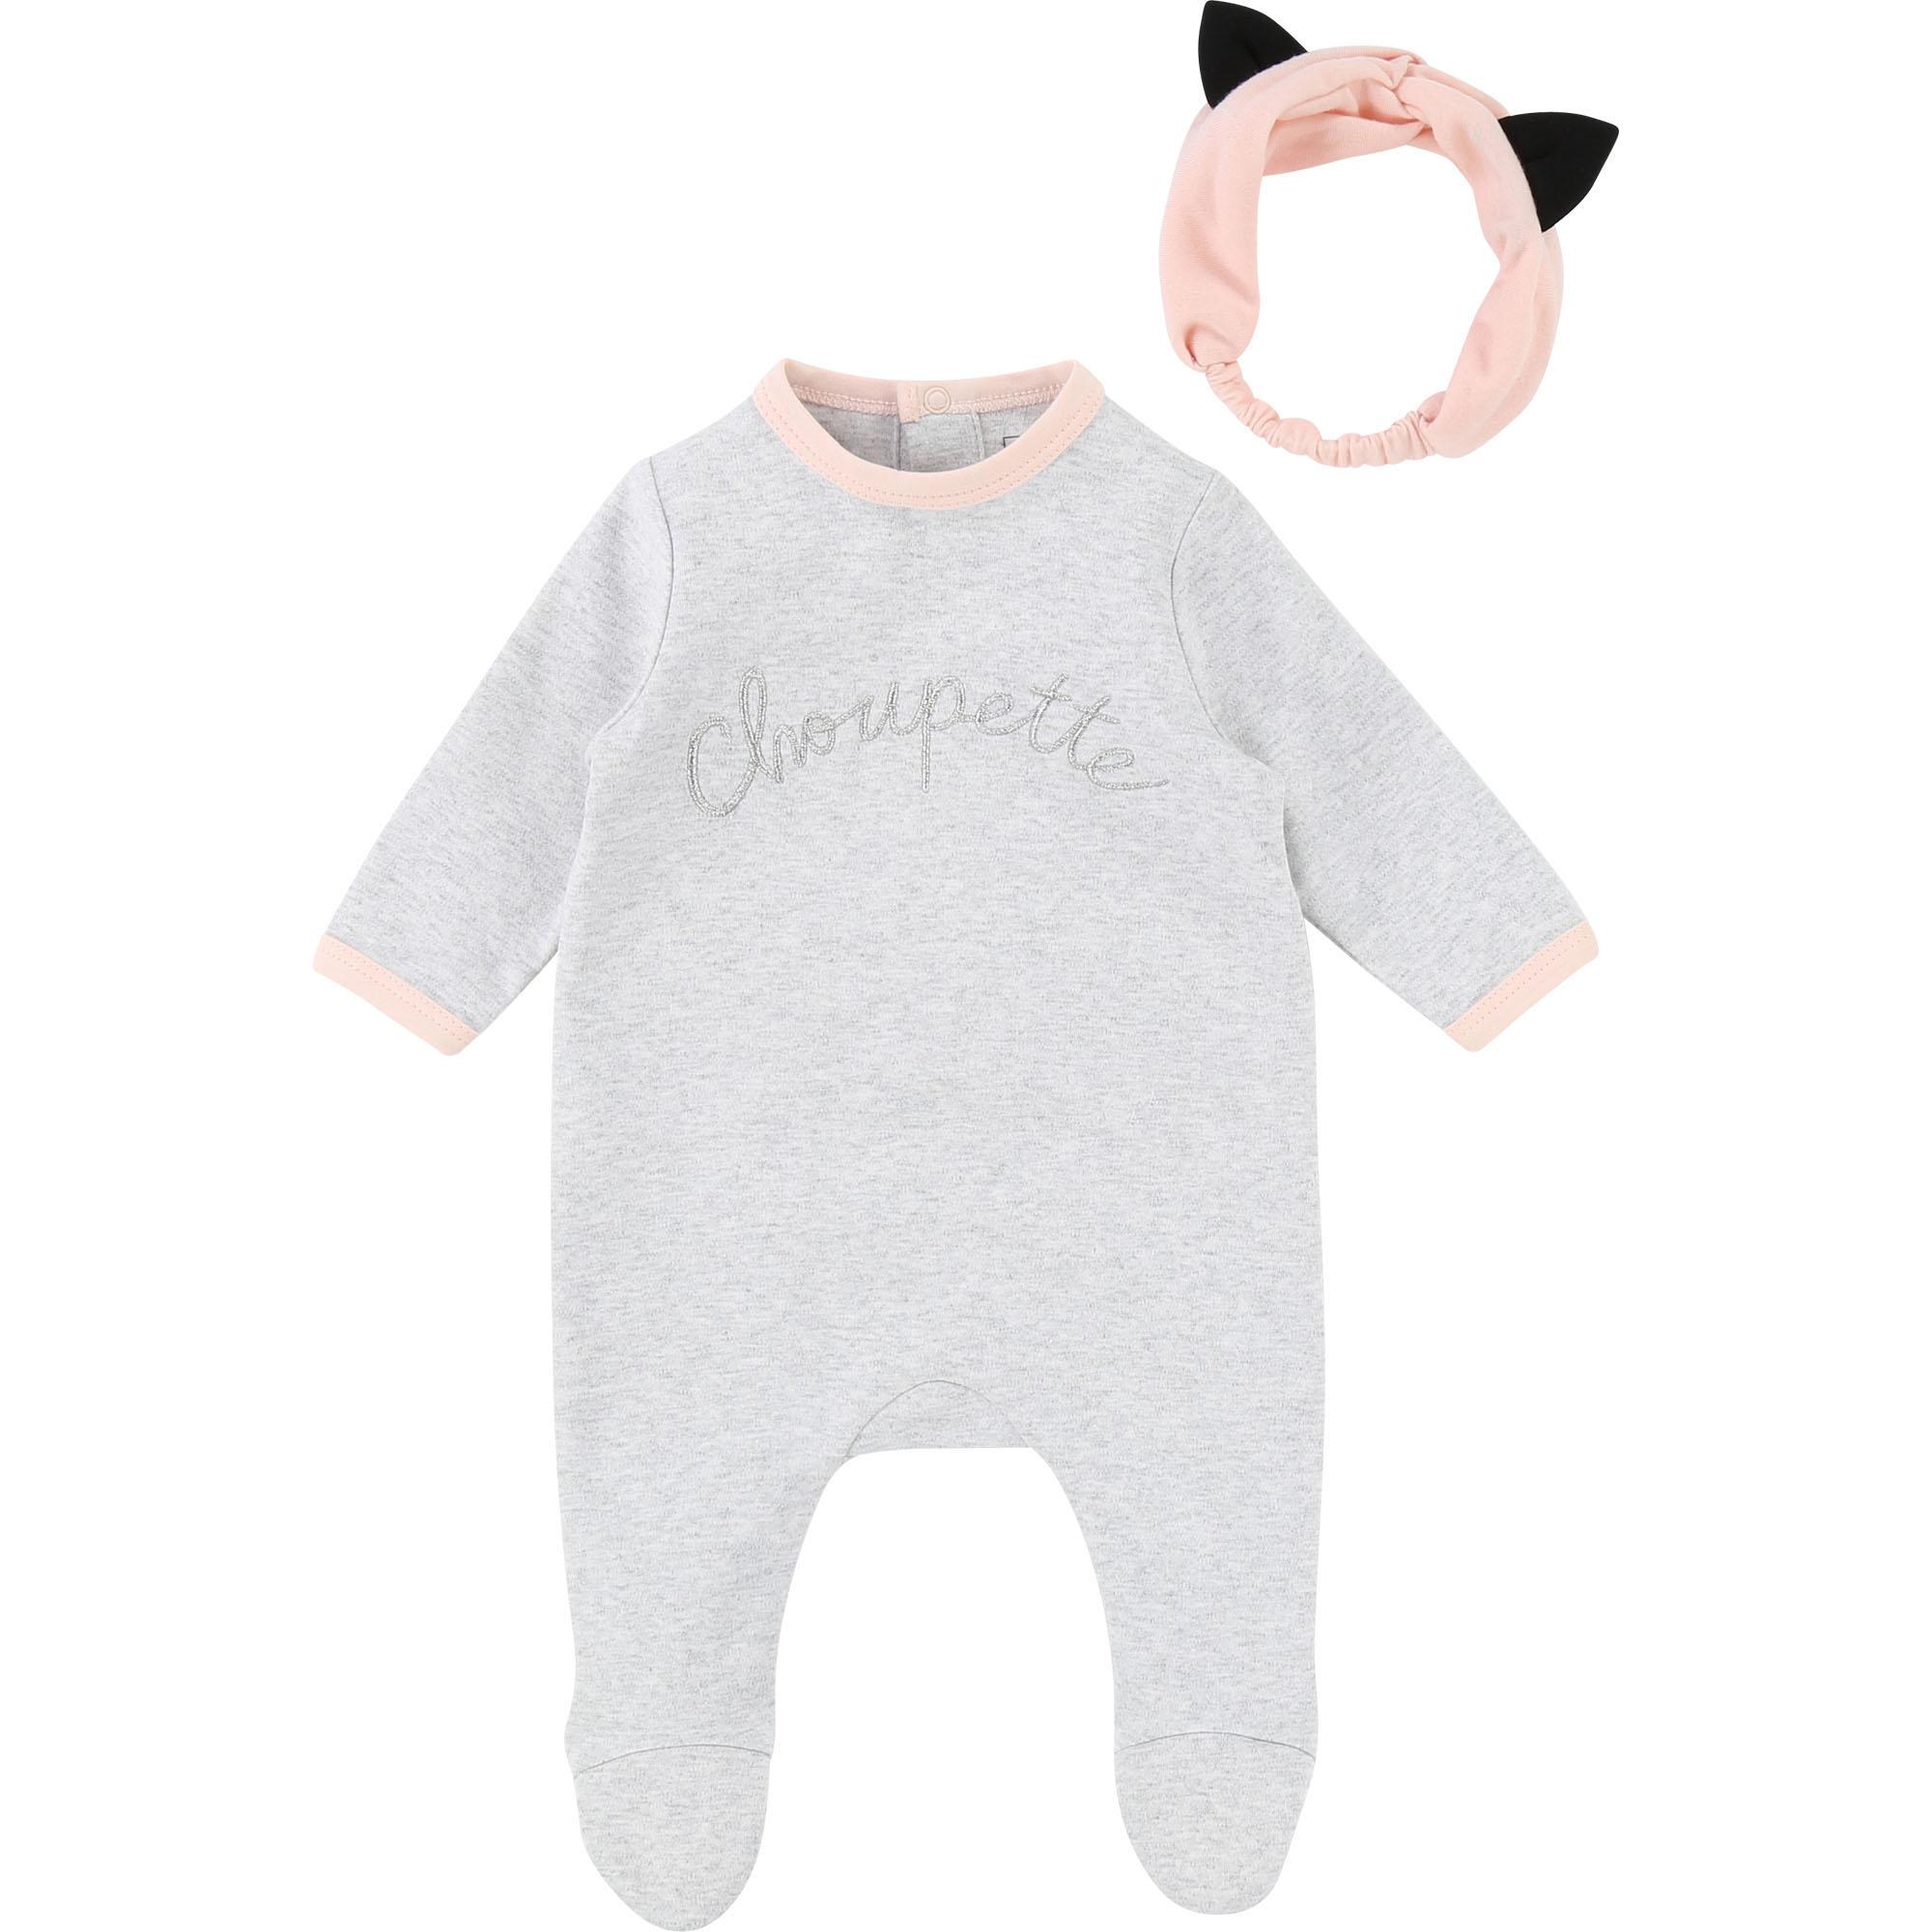 Pyjama et bandeau Choupette KARL LAGERFELD KIDS BEBE COUCHE UNISEXE Gris